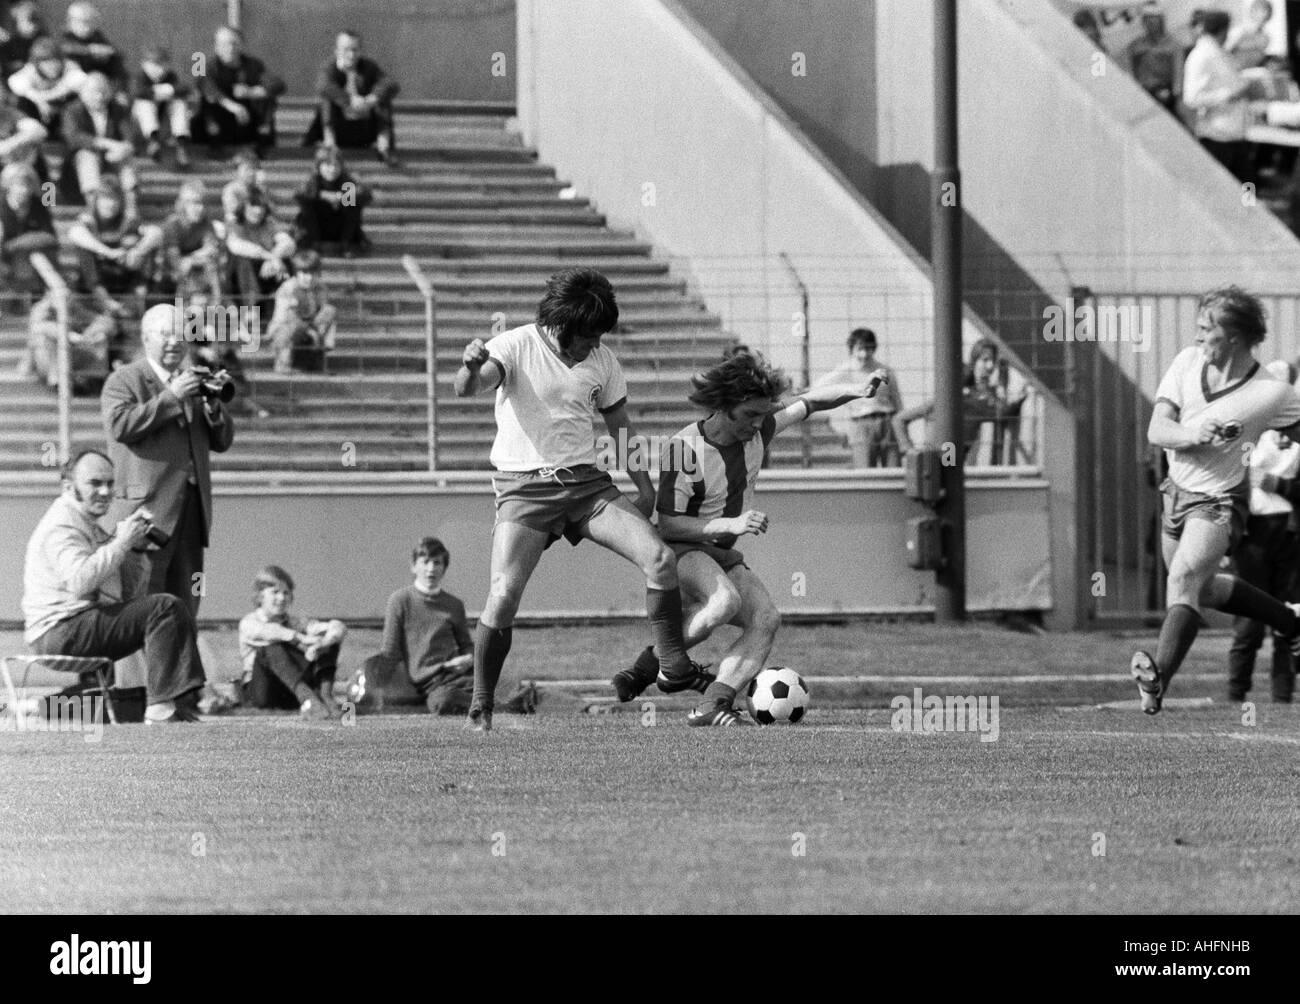 football, Bundesliga, 1971/1972, Rot-Weiss Oberhausen versus Hertha BSC Berlin 5:2, Niederrhein Stadium in Oberhausen, scene of the match, duel between Gerd Woermer (RWO) left and Arno Steffenhagen (Berlin), right Hans Schumacher (RWO) - Stock Image